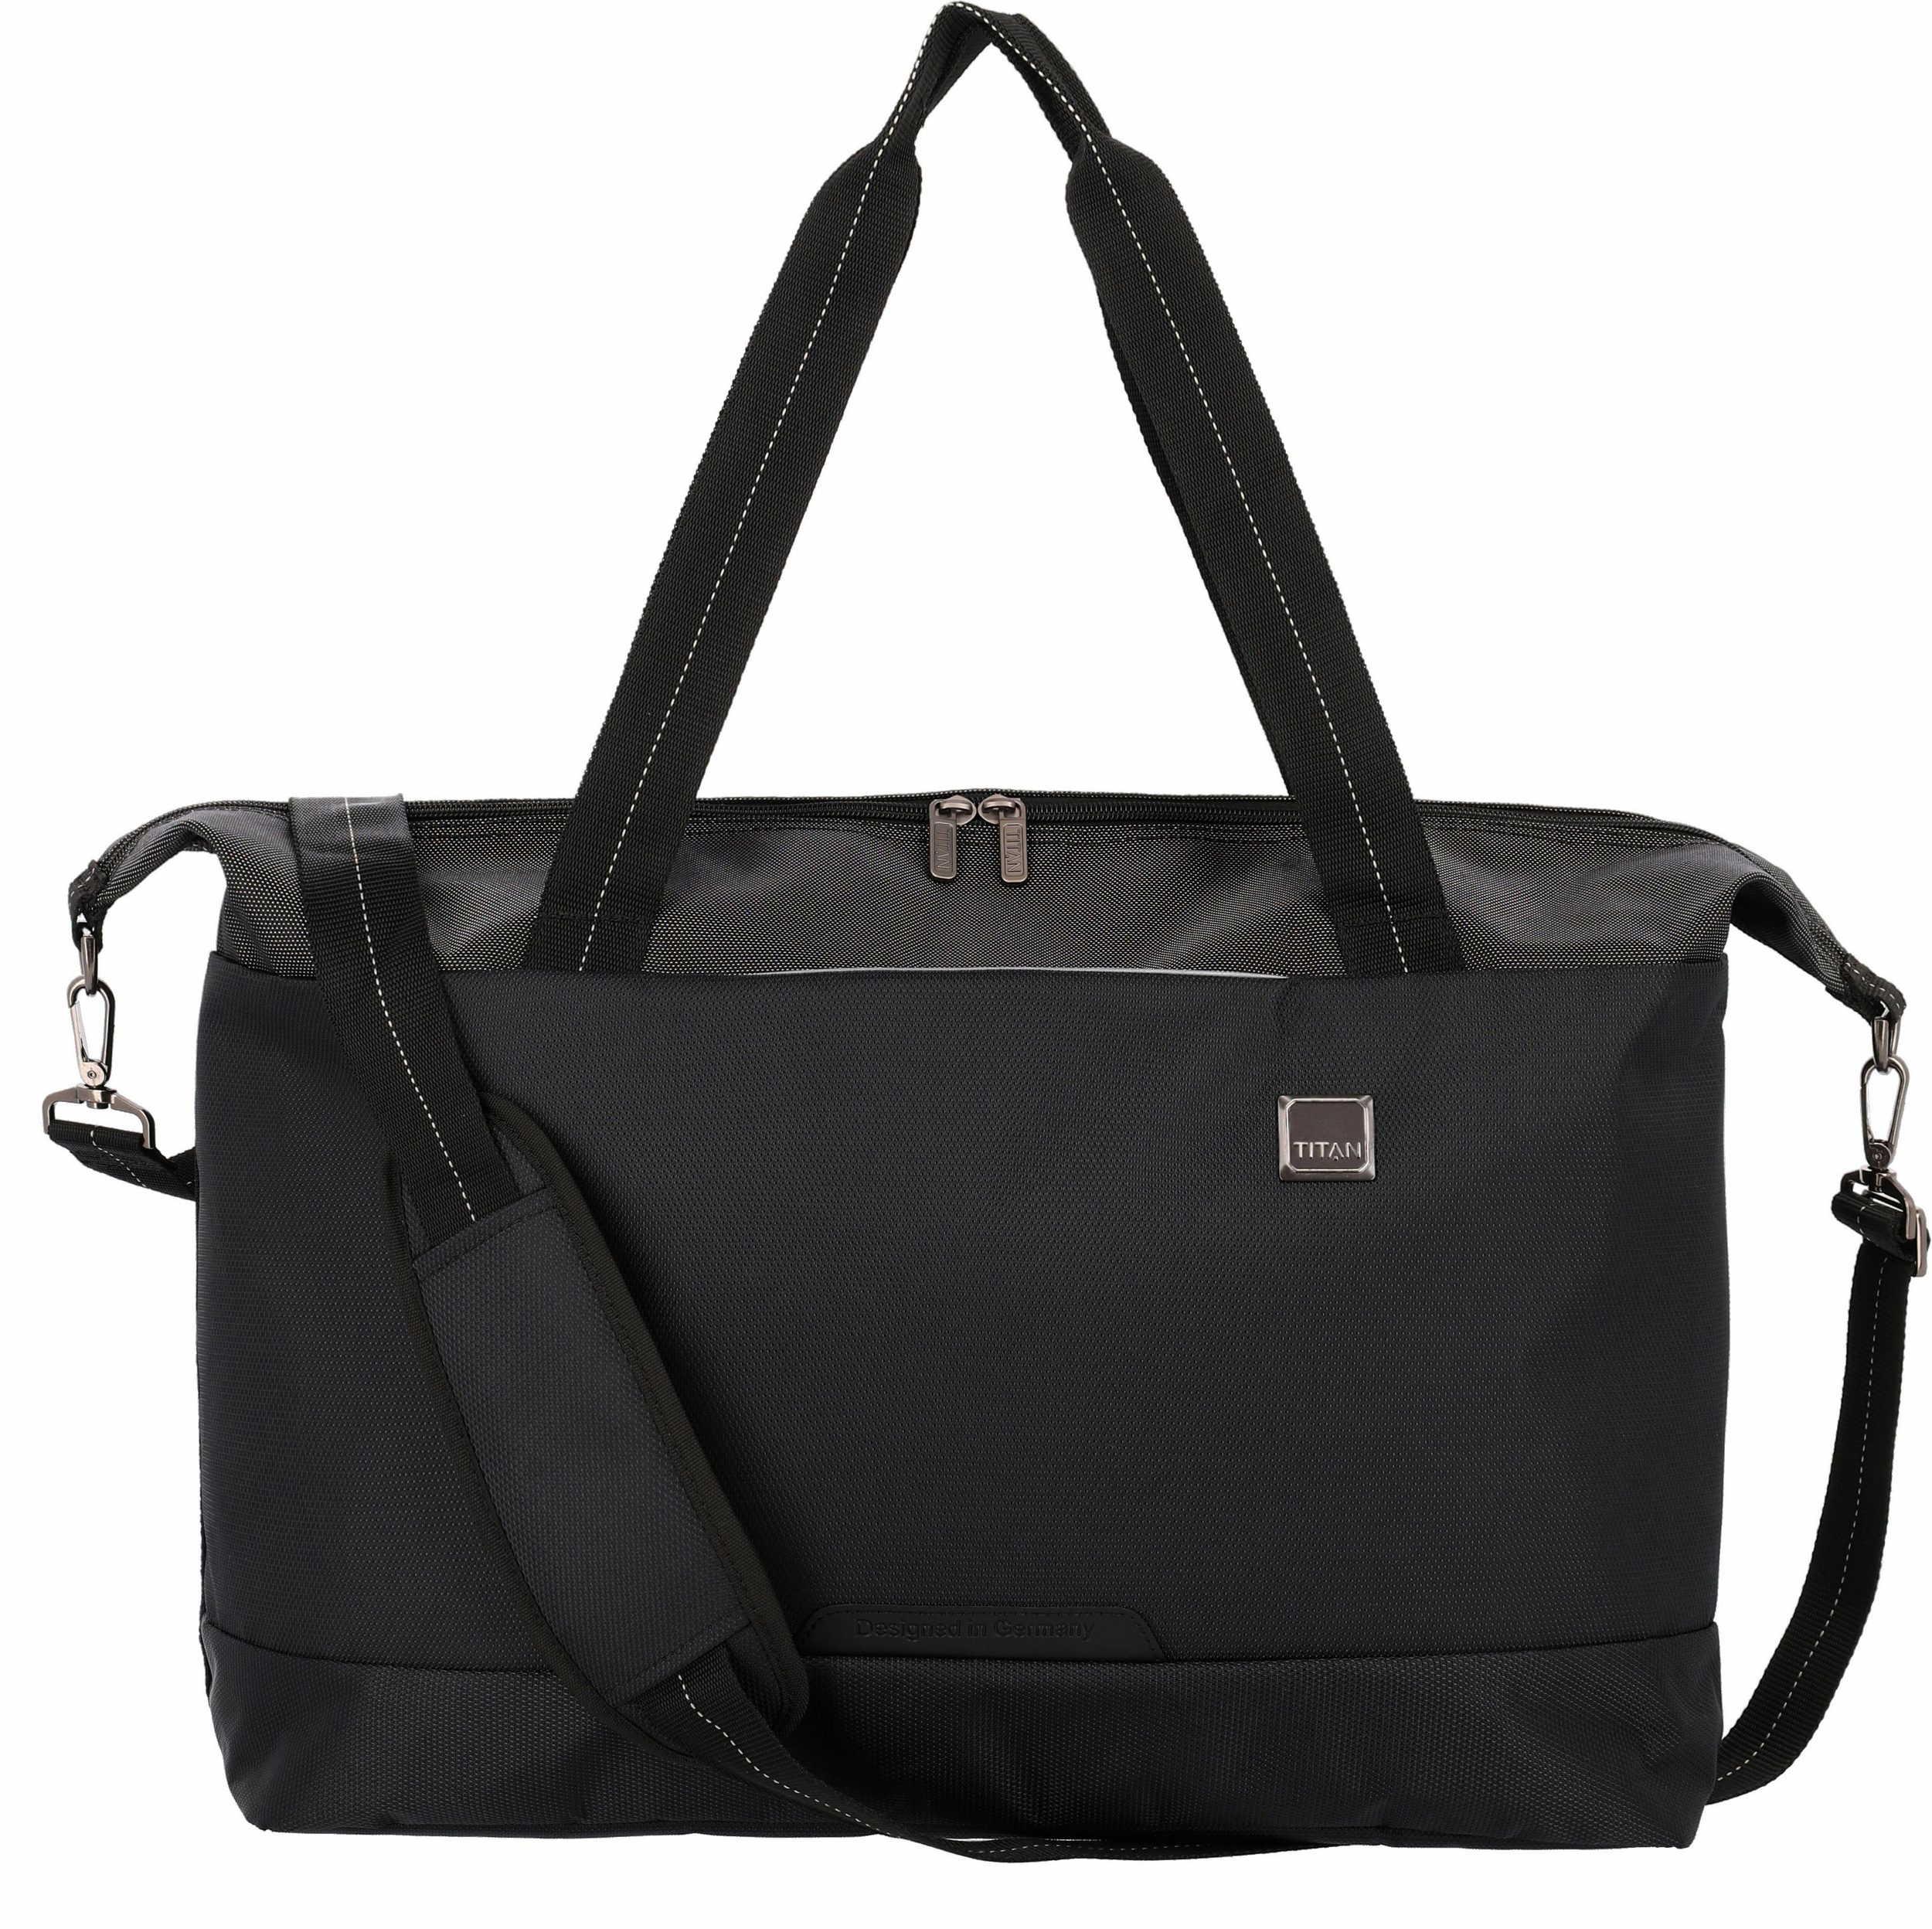 Titan Reisetasche schwarz